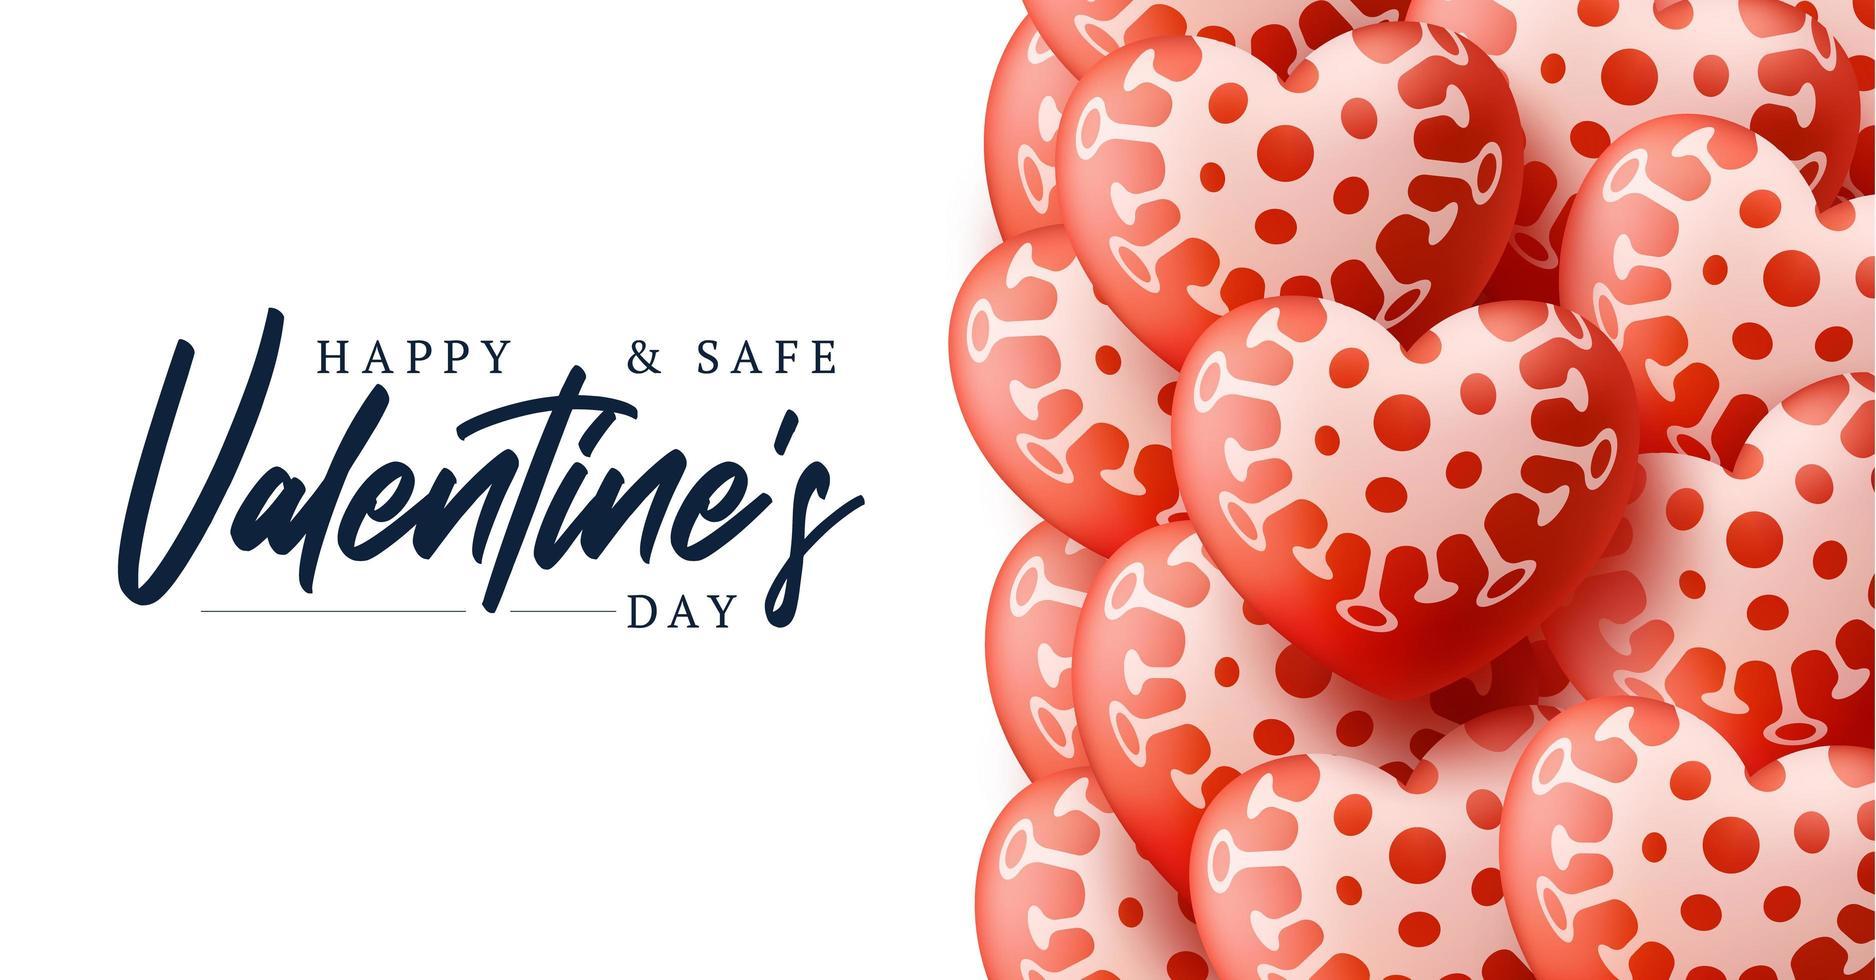 felice e sicuro sfondo di vendita di san valentino con motivo a cuore di palloncini. loce e covid coronavirus concetto illustrazione vettoriale. carta da parati, volantini, inviti, poster, brochure, banner vettore